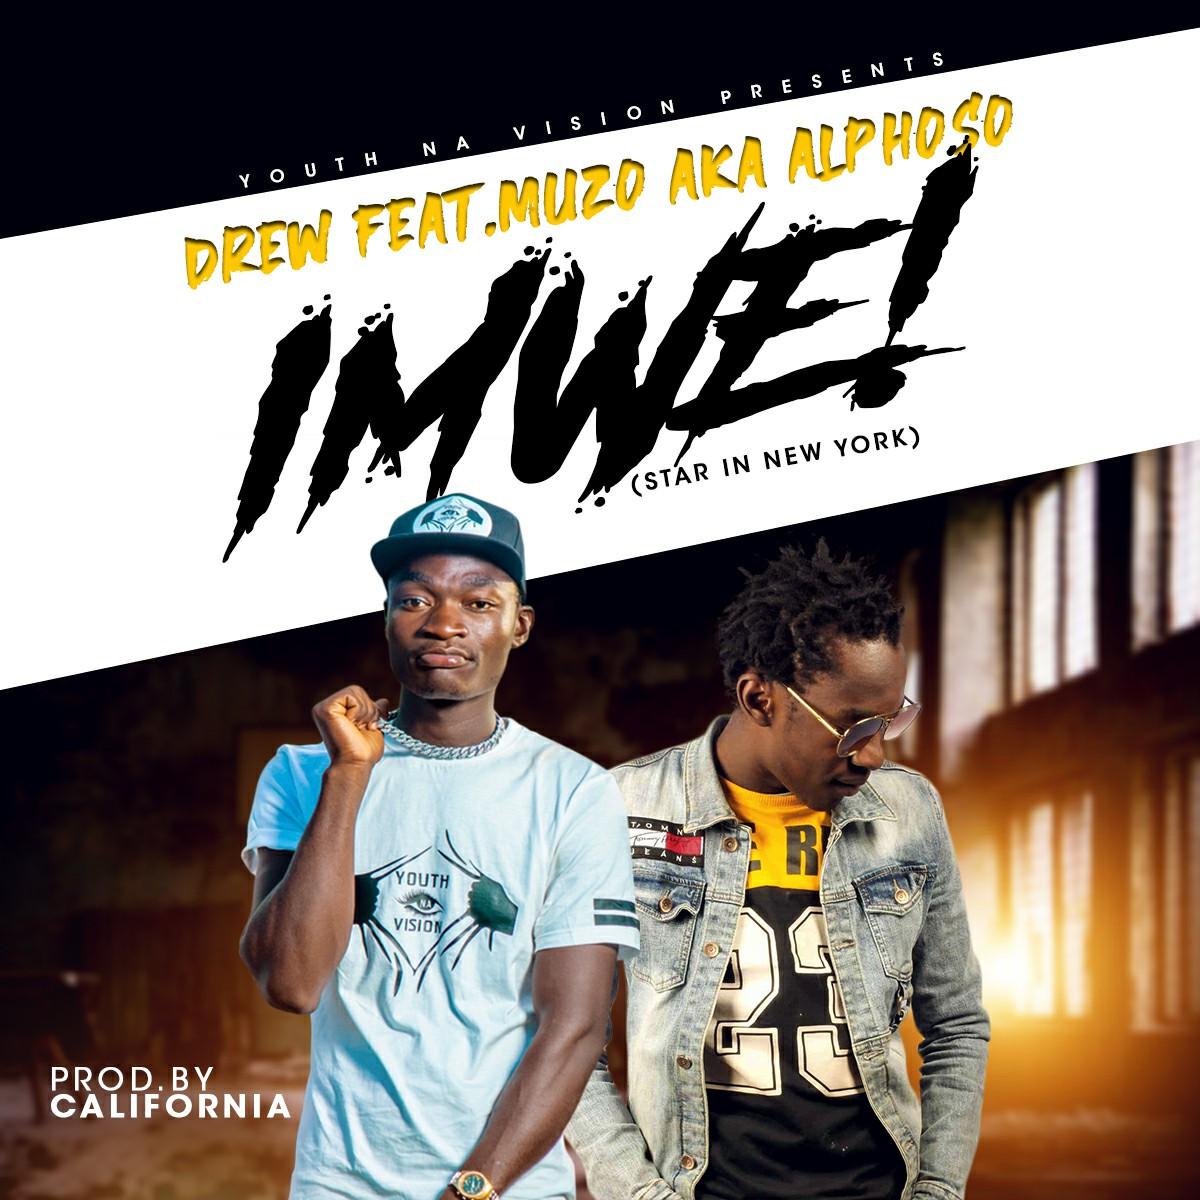 Drew ft. Muzo AKA Alphonso - Imwe! (Star in New York)